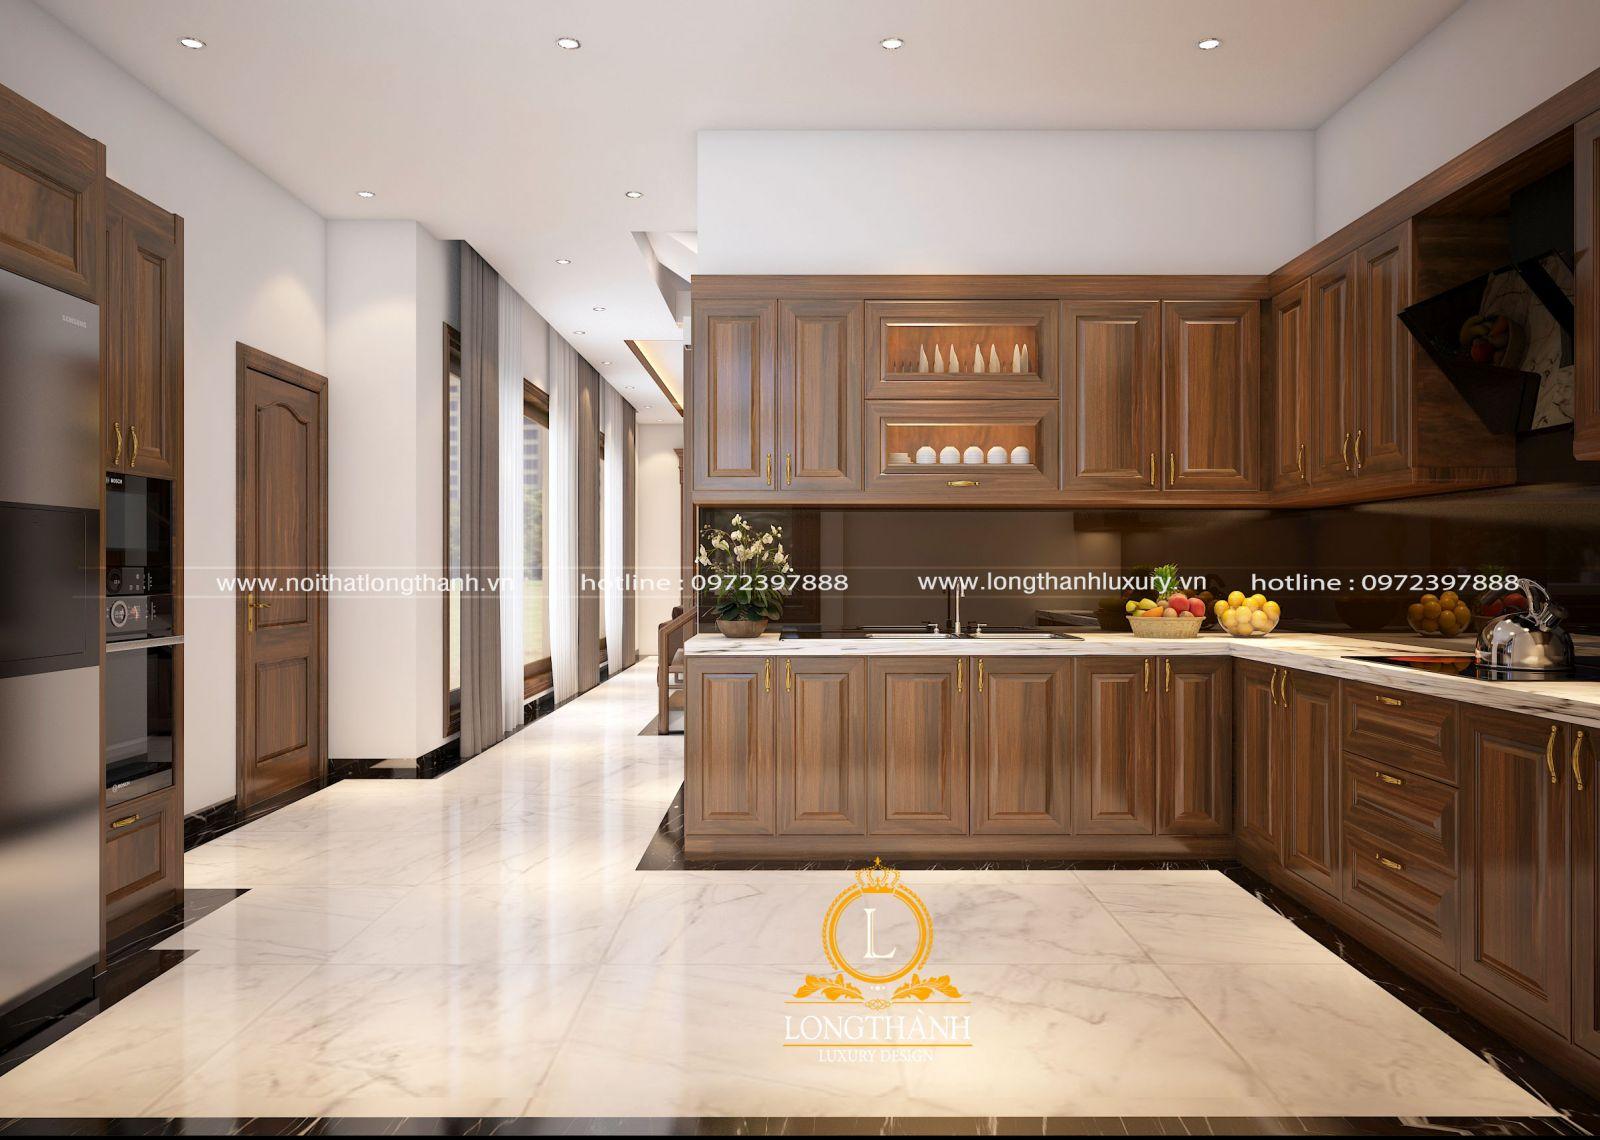 Nhà bếp sang trọng với chất liệu gỗ tự nhiên kết hợp mặt bếp làm từ đá hoa cương cao cấp